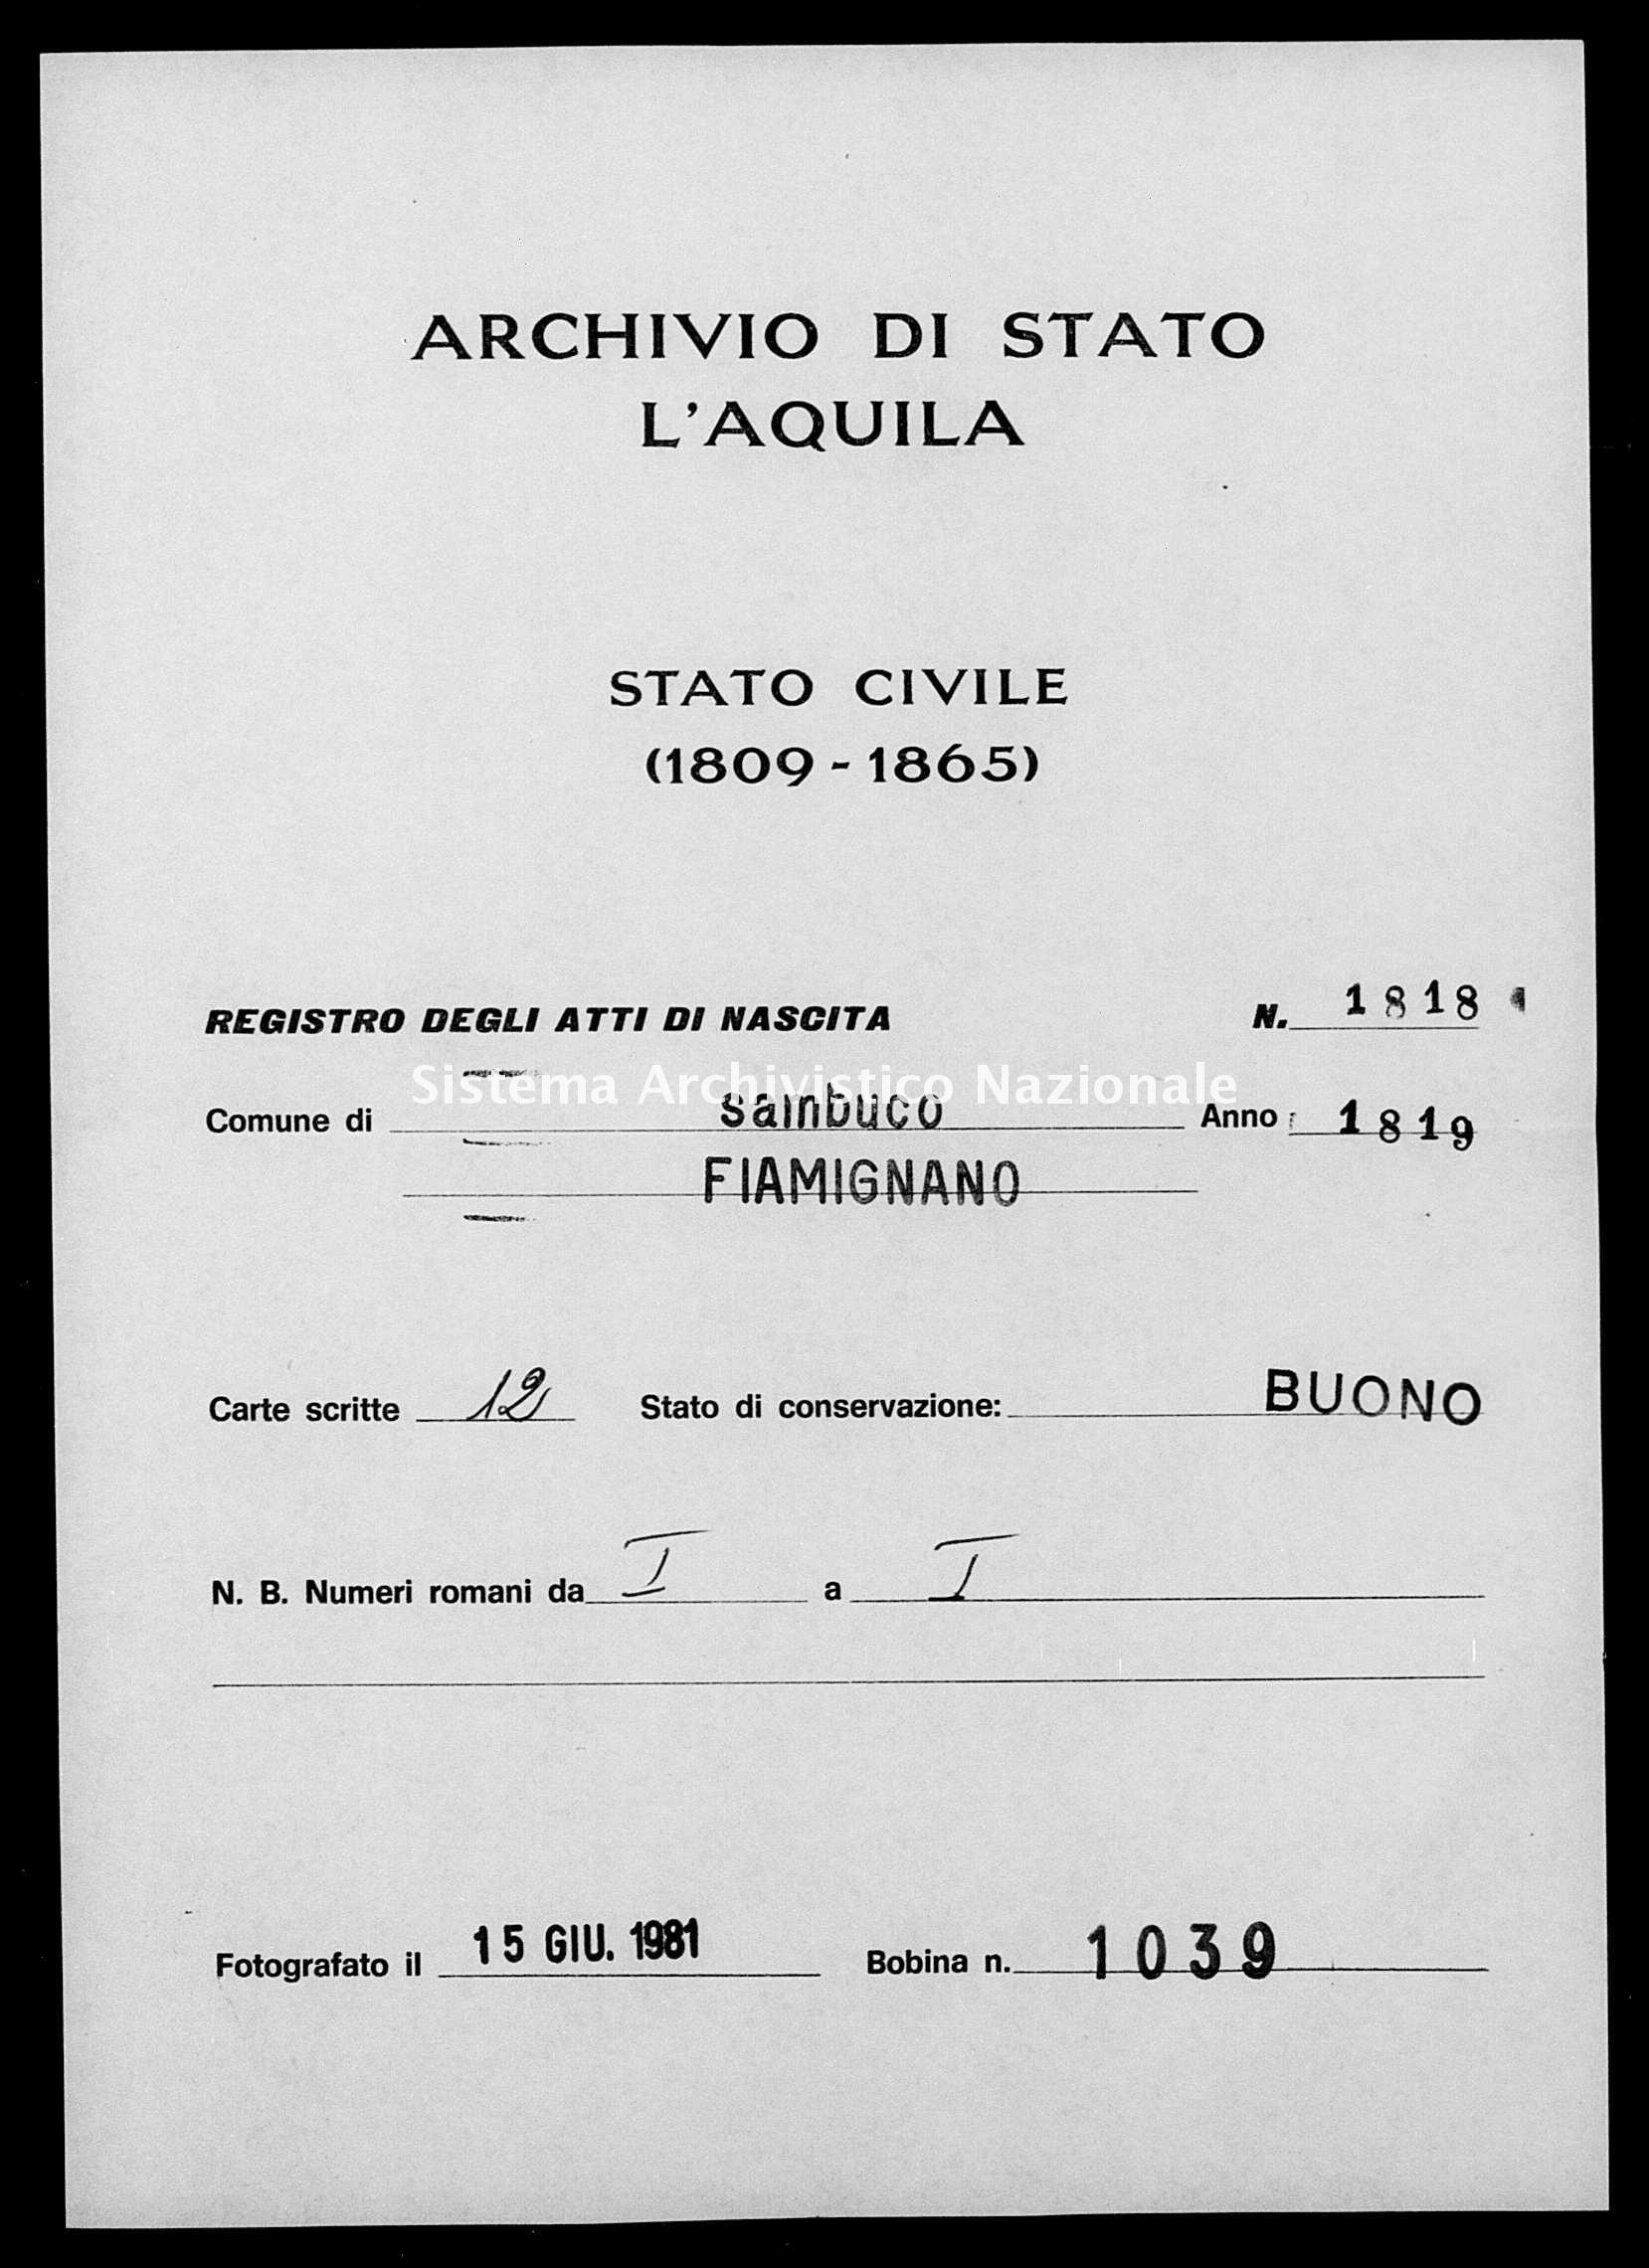 Archivio di stato di L'aquila - Stato civile della restaurazione - Sambuco - Nati - 1819 - 1818 -